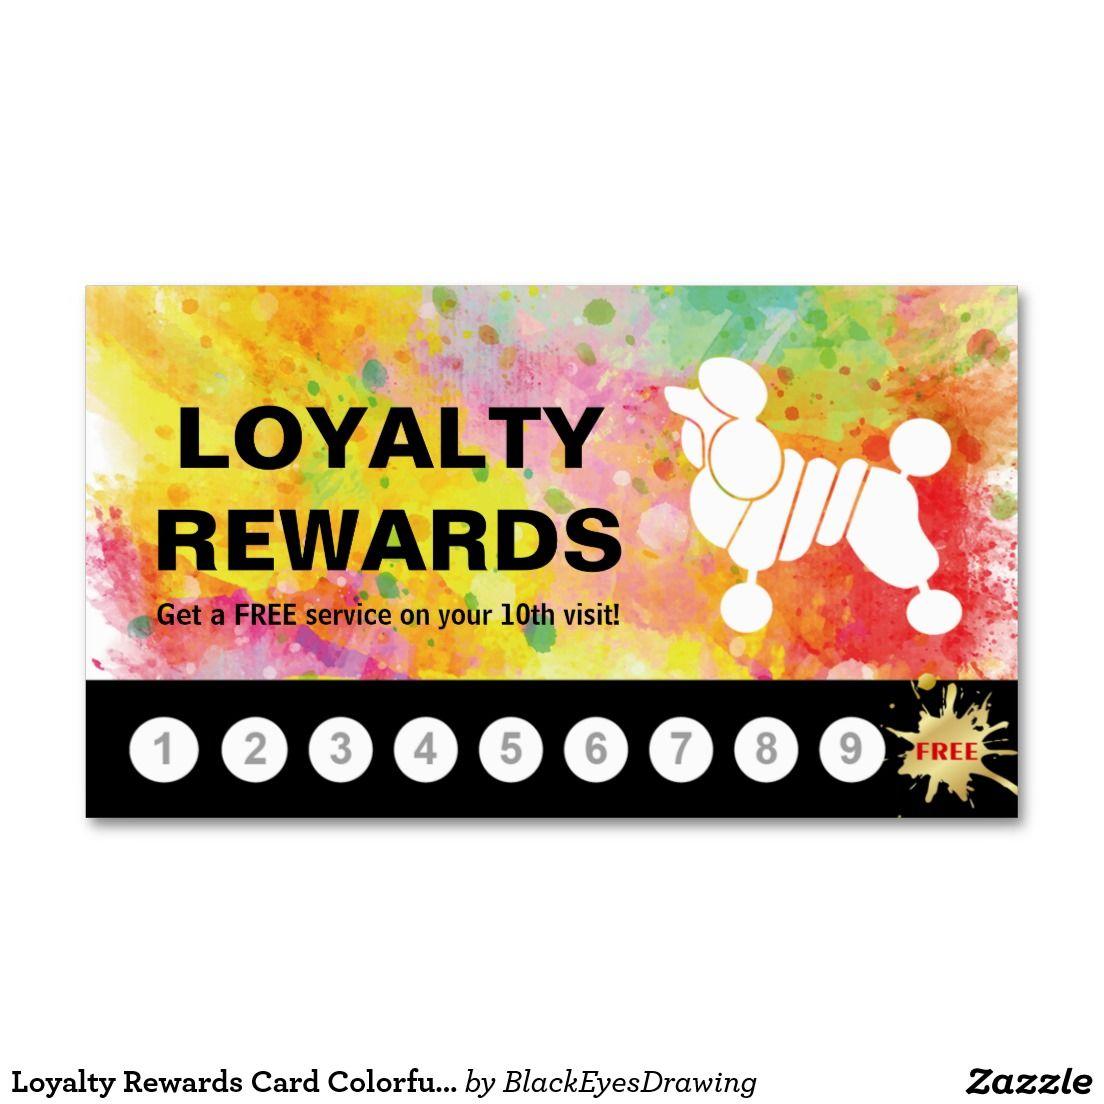 Loyalty Rewards Card Colorful Poodle Grooming | Poodle grooming ...